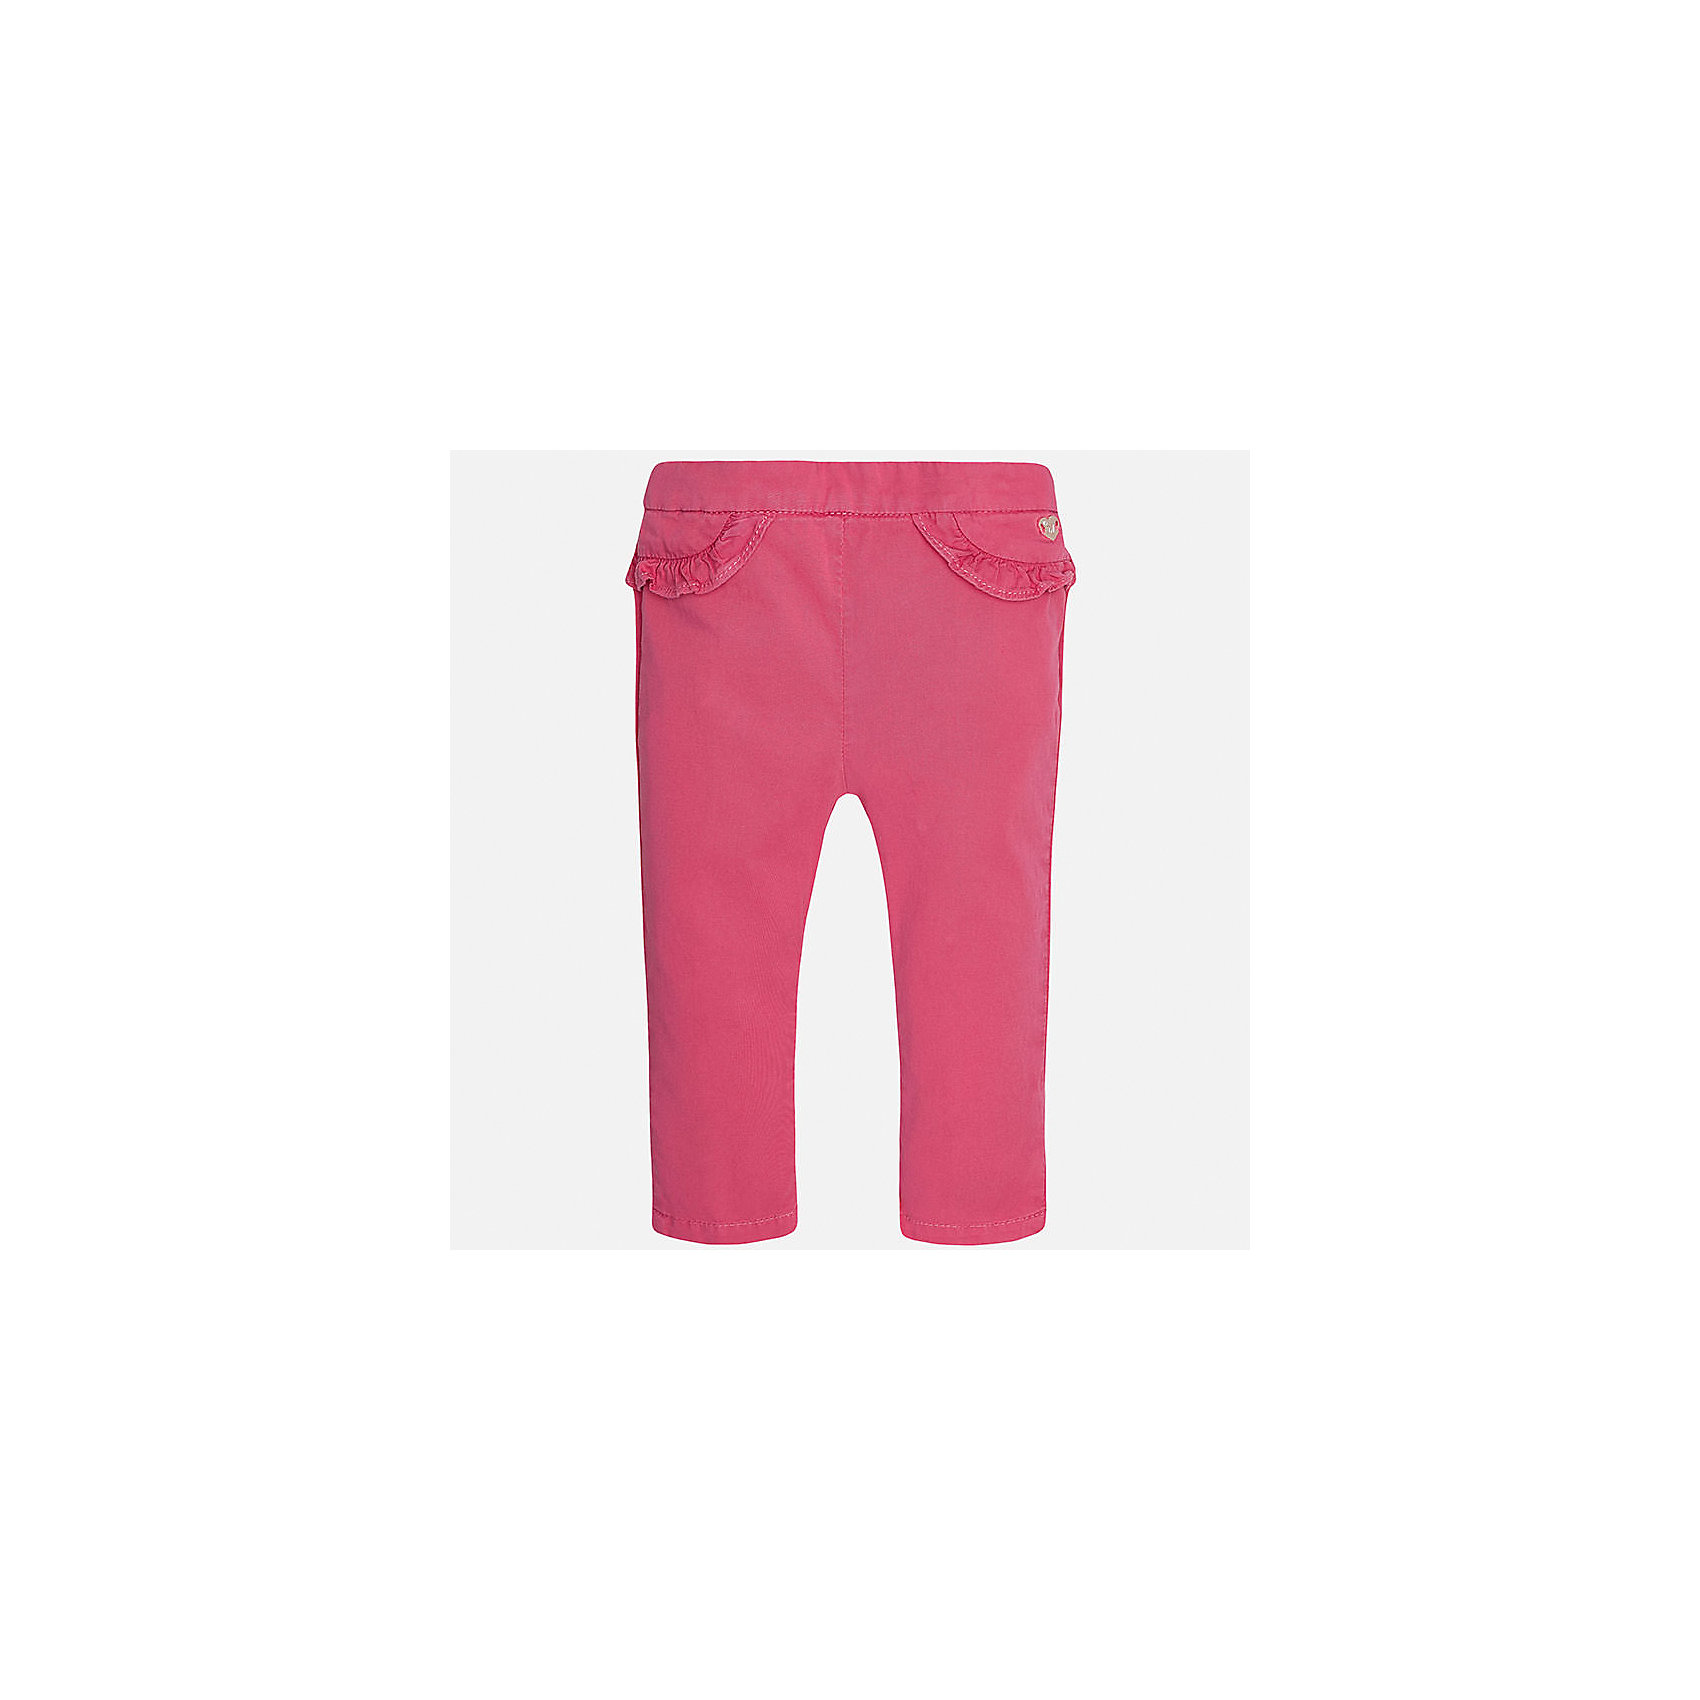 Брюки для девочки MayoralДжинсы и брючки<br>Характеристики товара:<br><br>• цвет: розовый<br>• состав: 98% хлопок, 2% эластан<br>• оборки возле на талии<br>• логотип<br>• интересный крой<br>• яркий цвет<br>• страна бренда: Испания<br><br>Модные оригинальные брюки для девочки смогут разнообразить гардероб ребенка и украсить наряд. Они отлично сочетаются с майками, футболками, блузками. Красивый оттенок позволяет подобрать к вещи верх разных расцветок. Интересный крой модели делает её нарядной и оригинальной. <br><br>Одежда, обувь и аксессуары от испанского бренда Mayoral полюбились детям и взрослым по всему миру. Модели этой марки - стильные и удобные. Для их производства используются только безопасные, качественные материалы и фурнитура. Порадуйте ребенка модными и красивыми вещами от Mayoral! <br><br>Брюки для девочки от испанского бренда Mayoral (Майорал) можно купить в нашем интернет-магазине.<br><br>Ширина мм: 215<br>Глубина мм: 88<br>Высота мм: 191<br>Вес г: 336<br>Цвет: розовый<br>Возраст от месяцев: 18<br>Возраст до месяцев: 24<br>Пол: Женский<br>Возраст: Детский<br>Размер: 92,74,80,86<br>SKU: 5288981